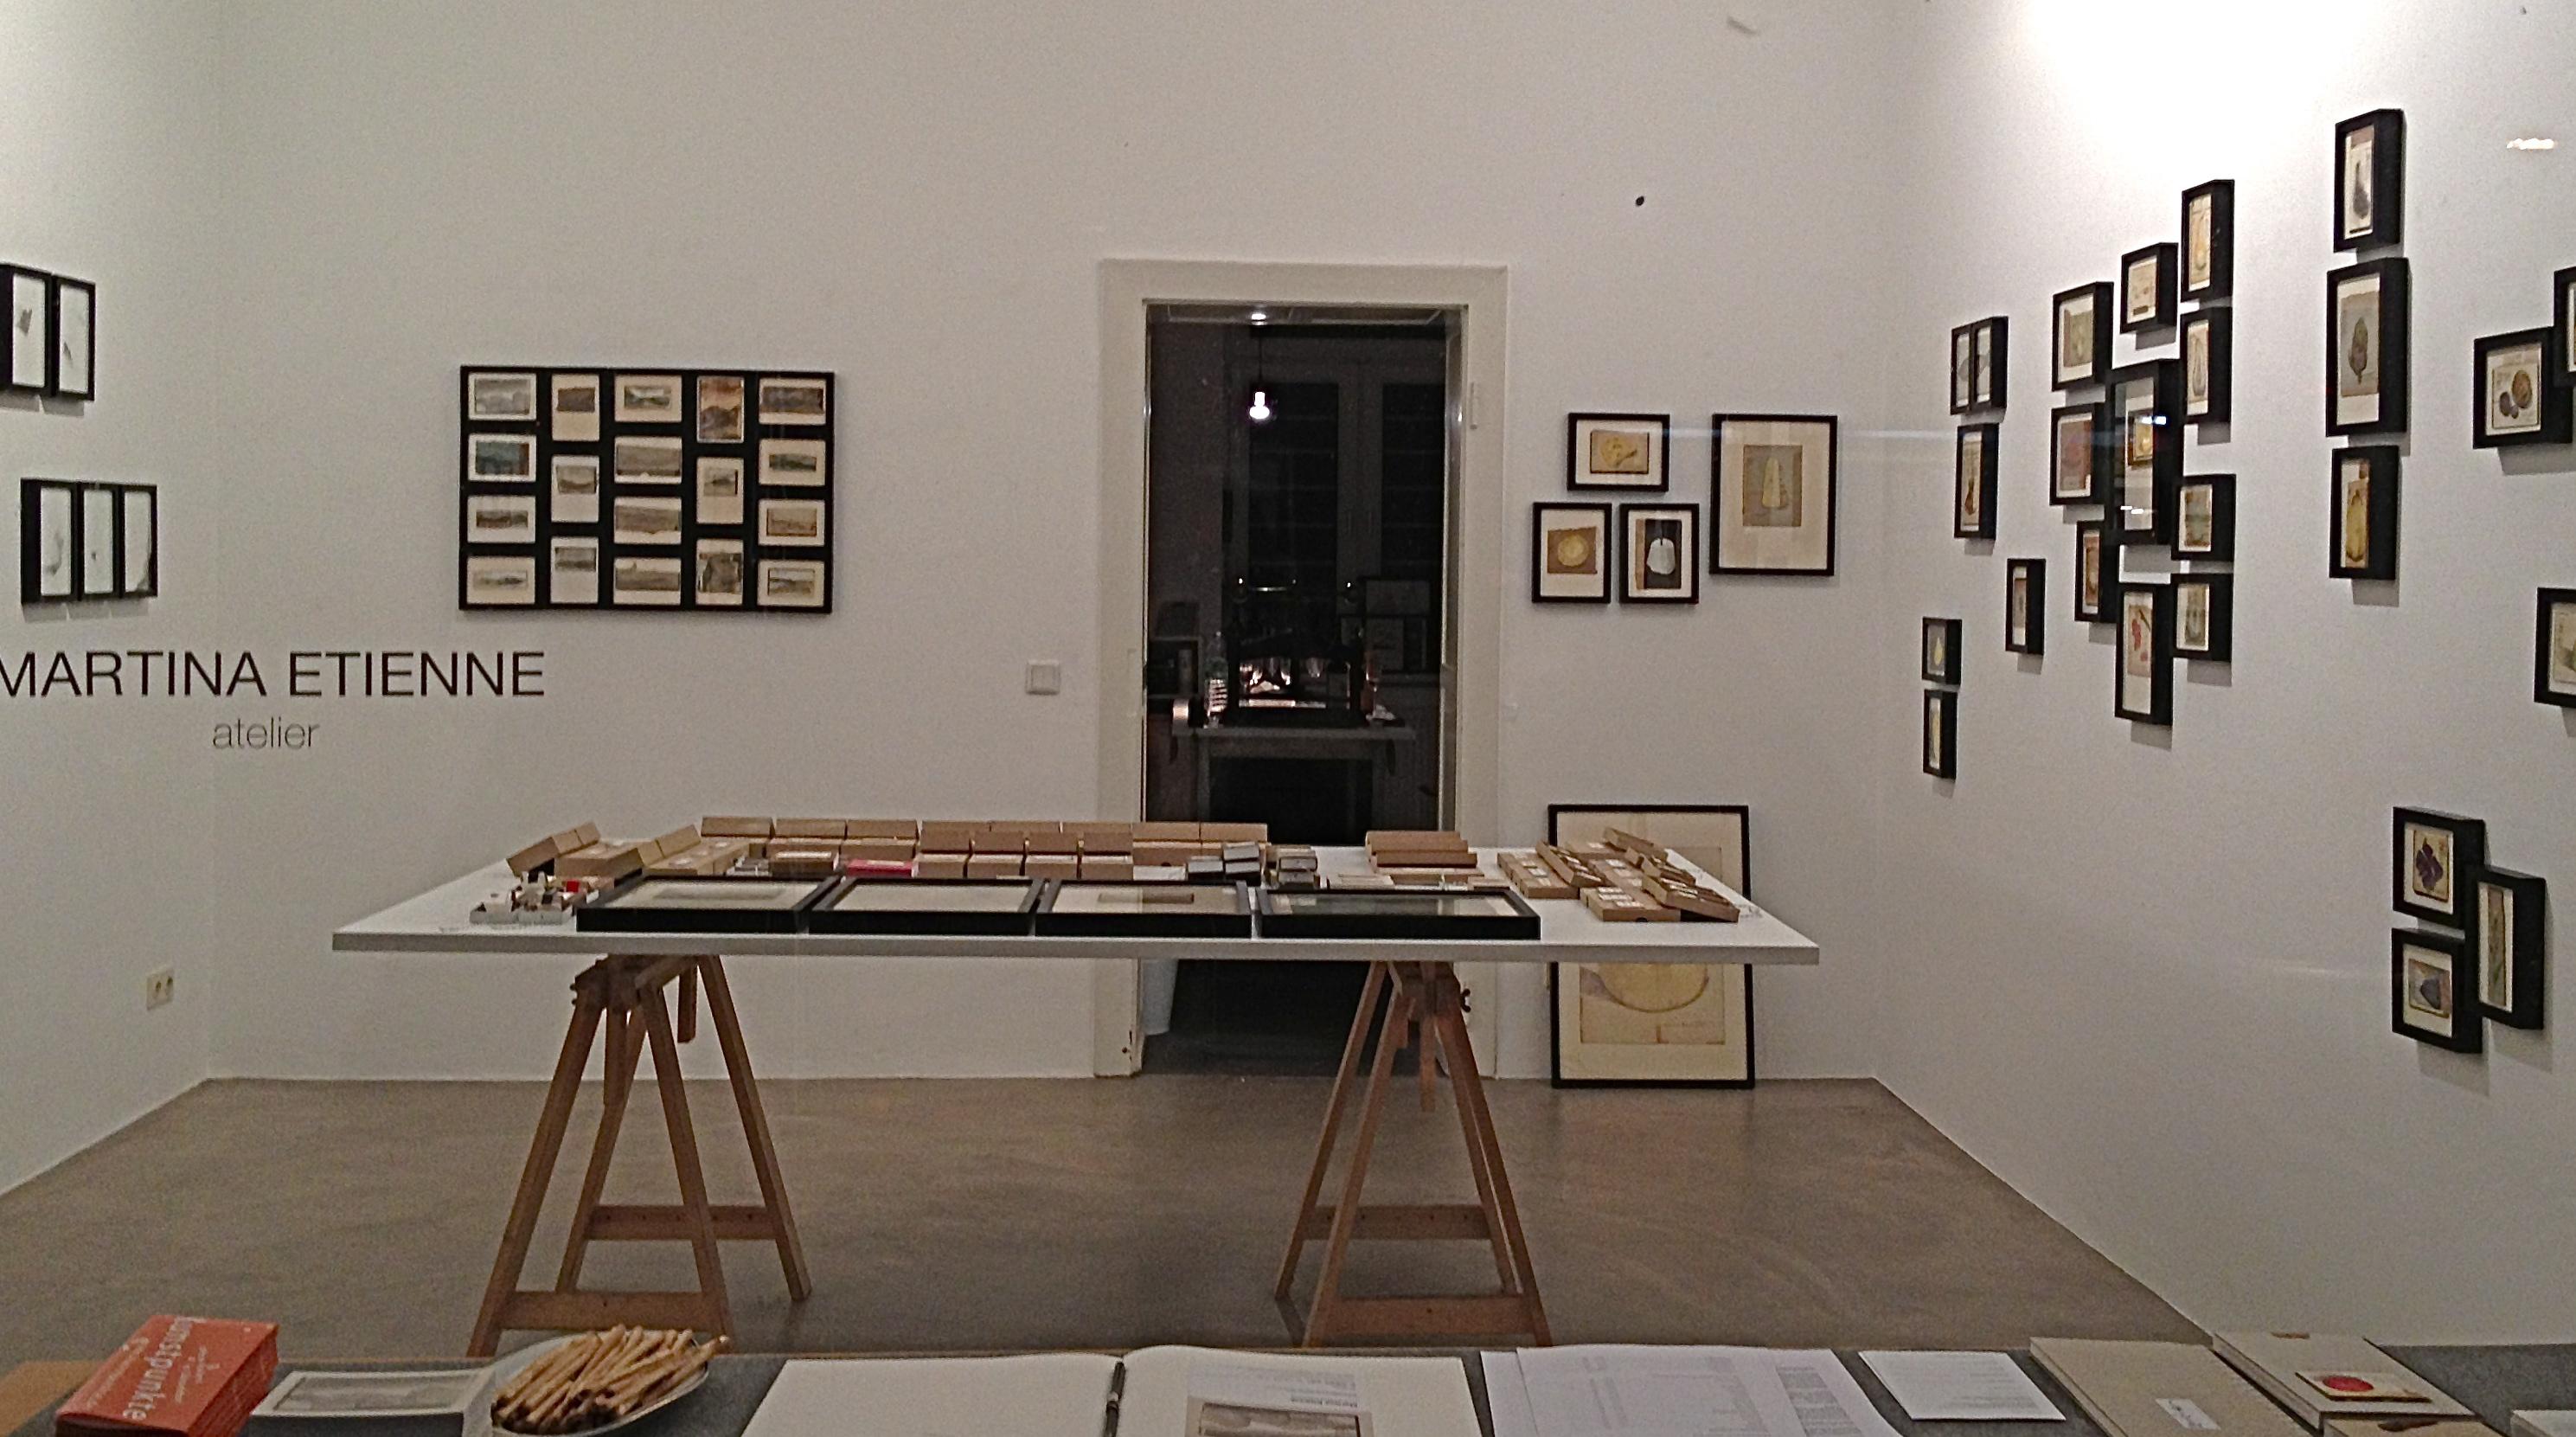 Atelier Martina Etienne